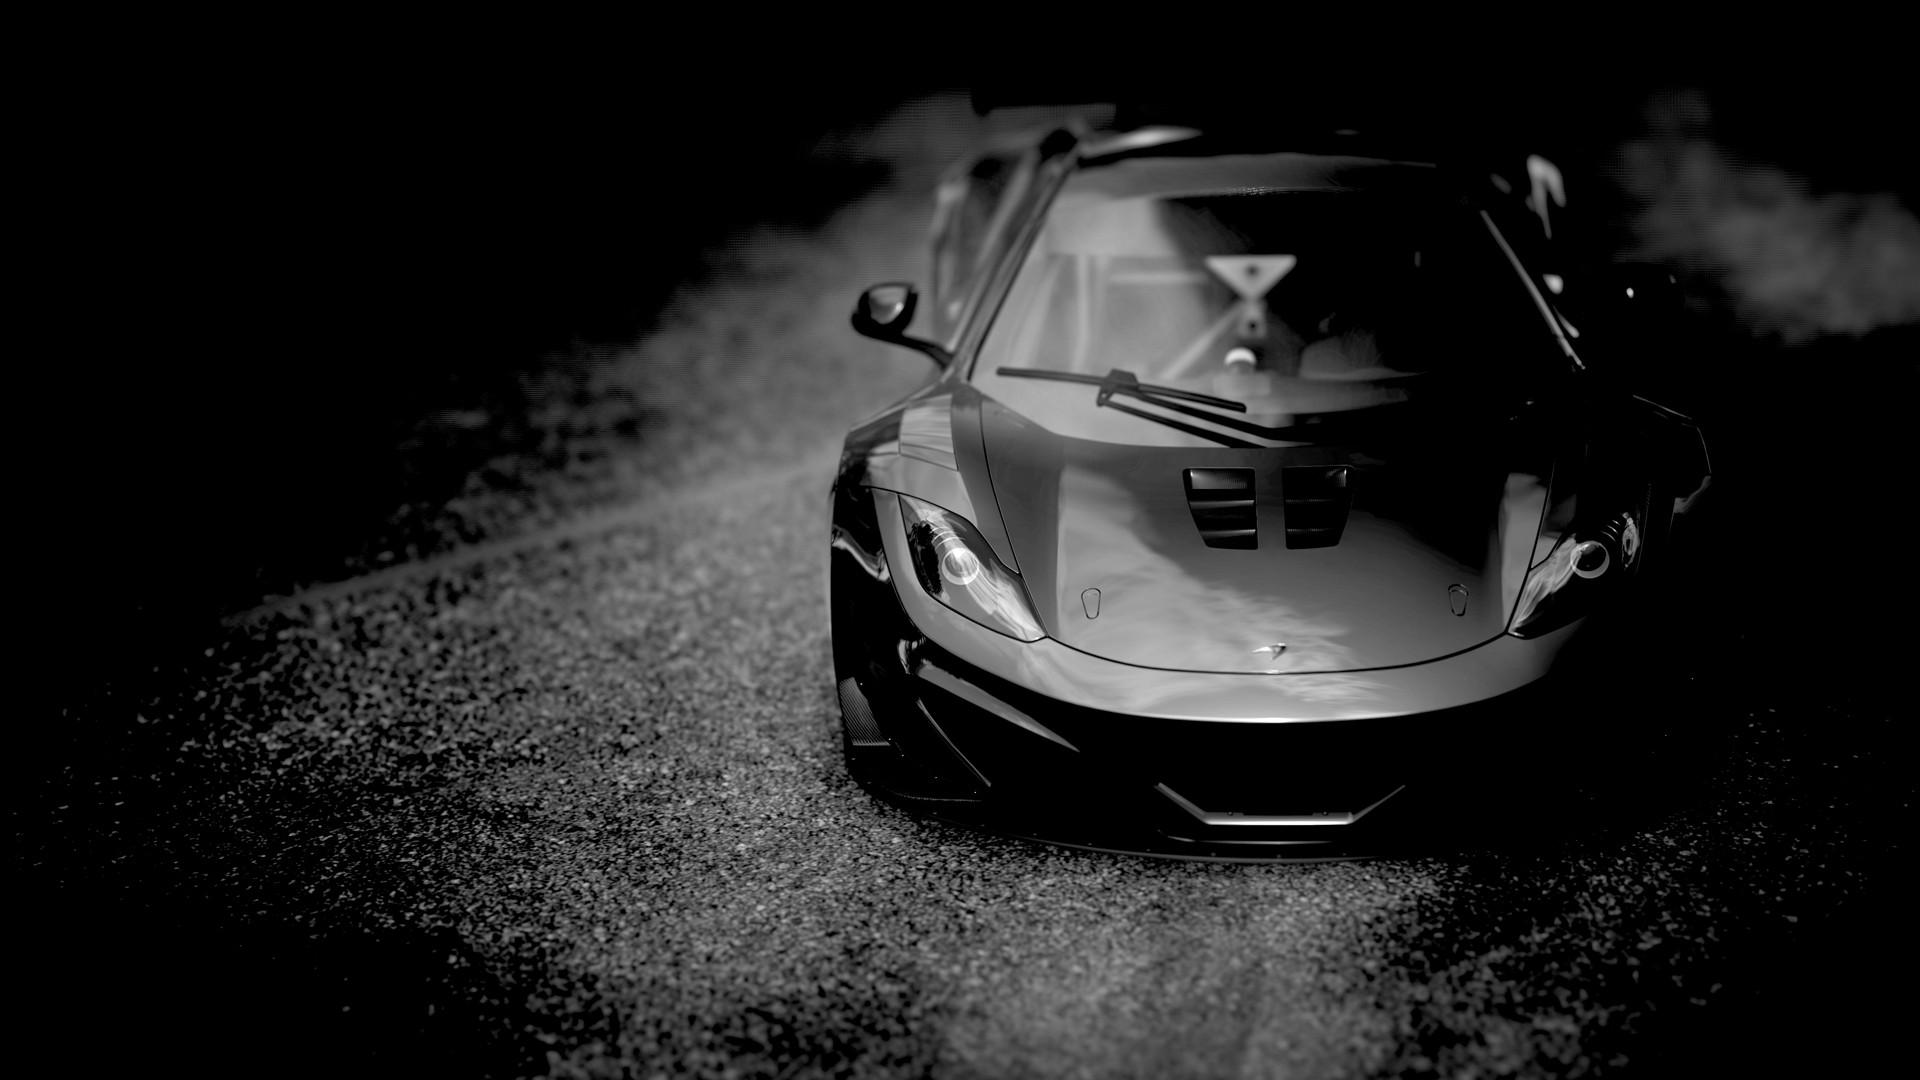 спортивный автомобиль черный бесплатно